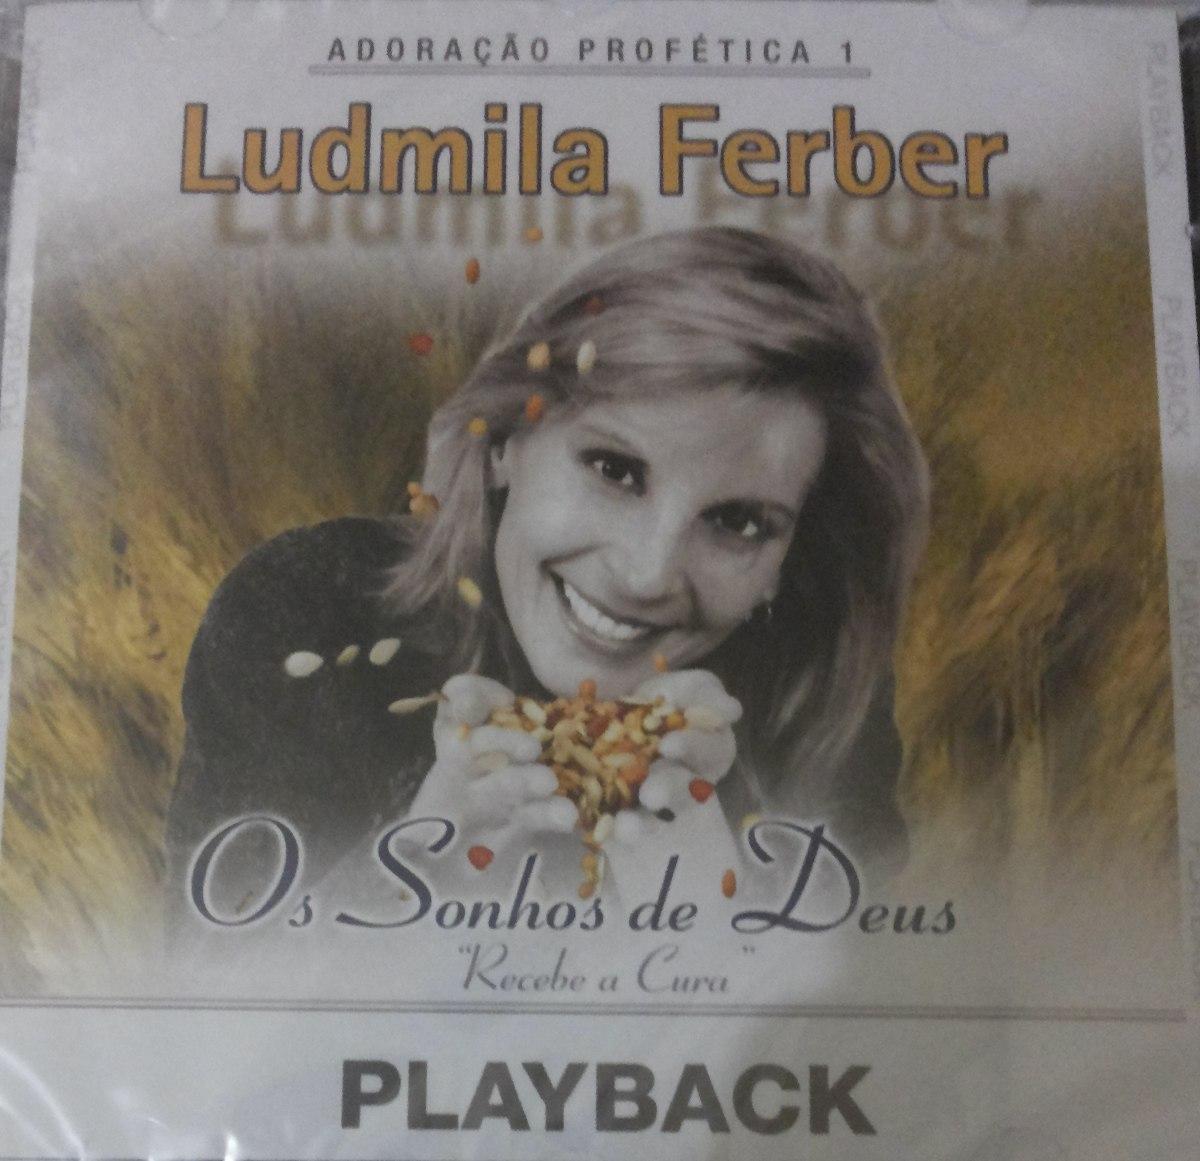 cd os sonhos de deus ludmila ferber playback